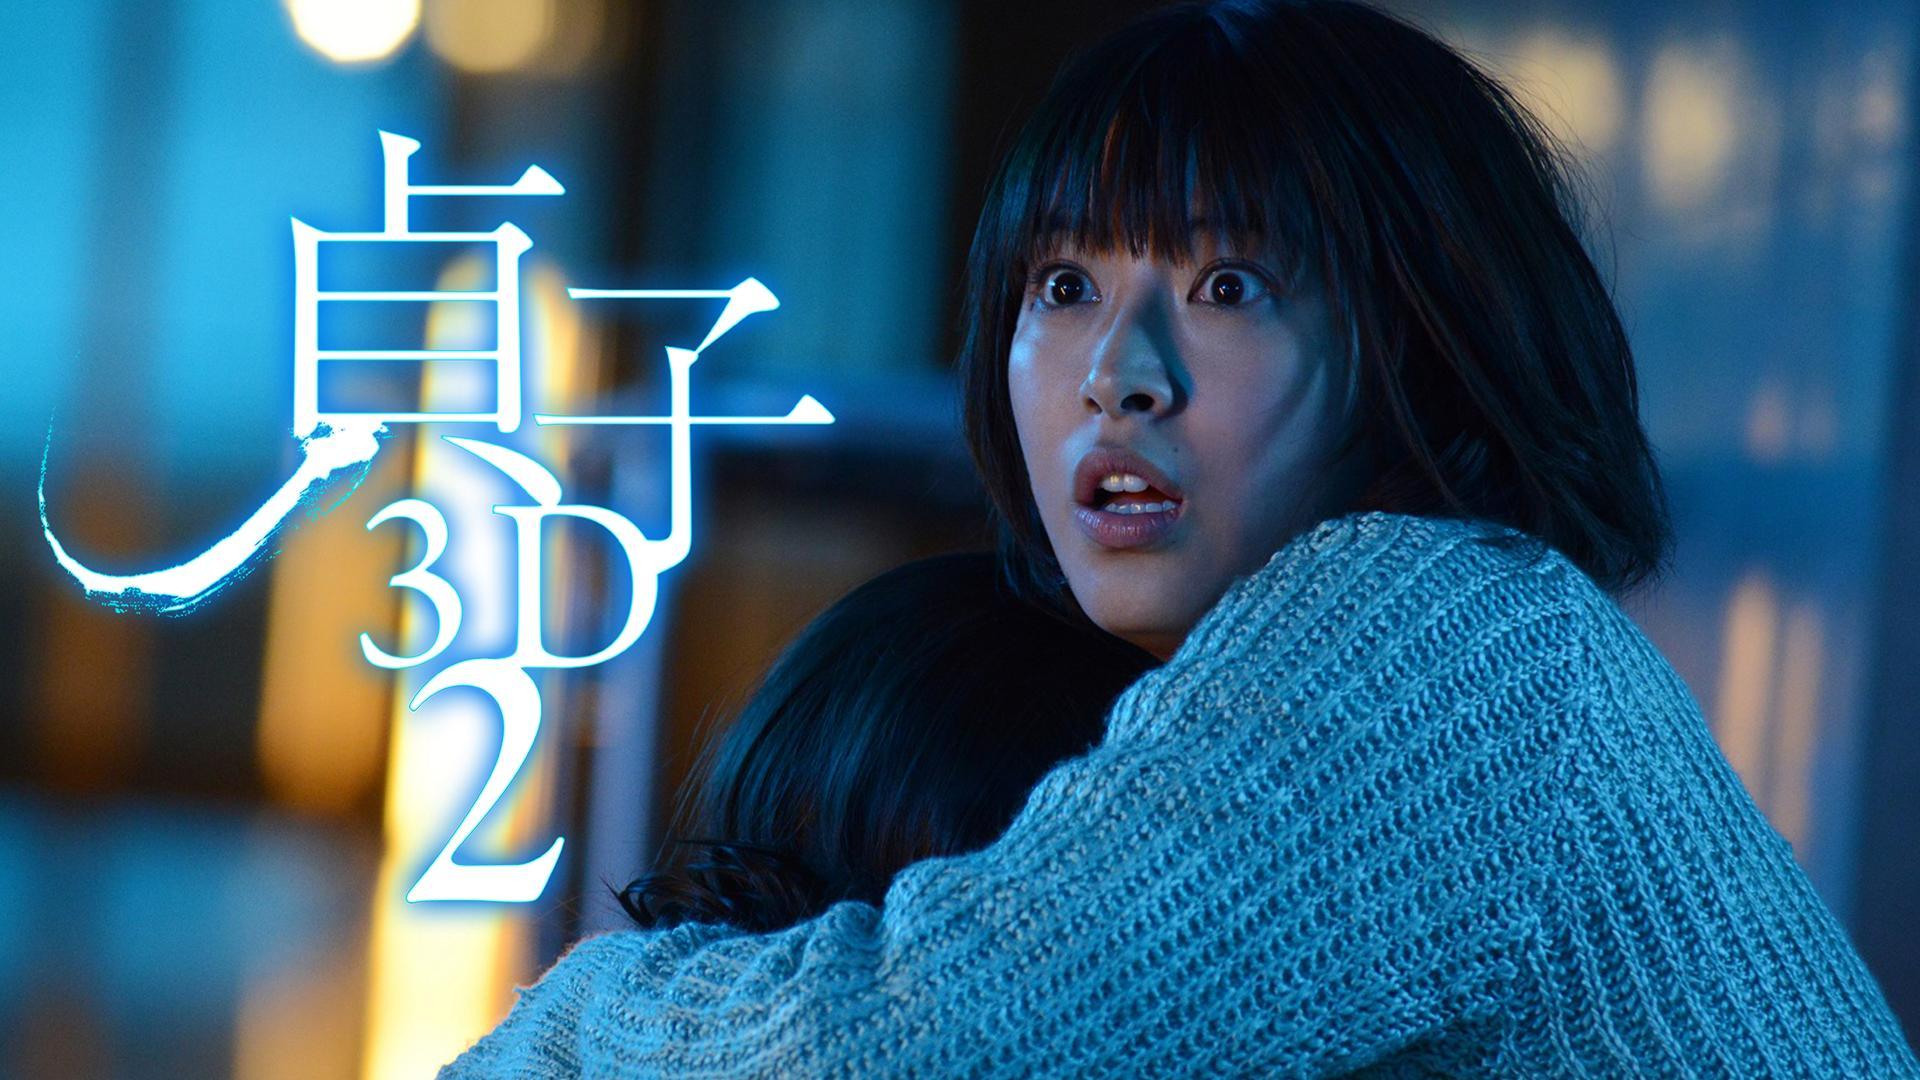 貞子3D2(2D版)